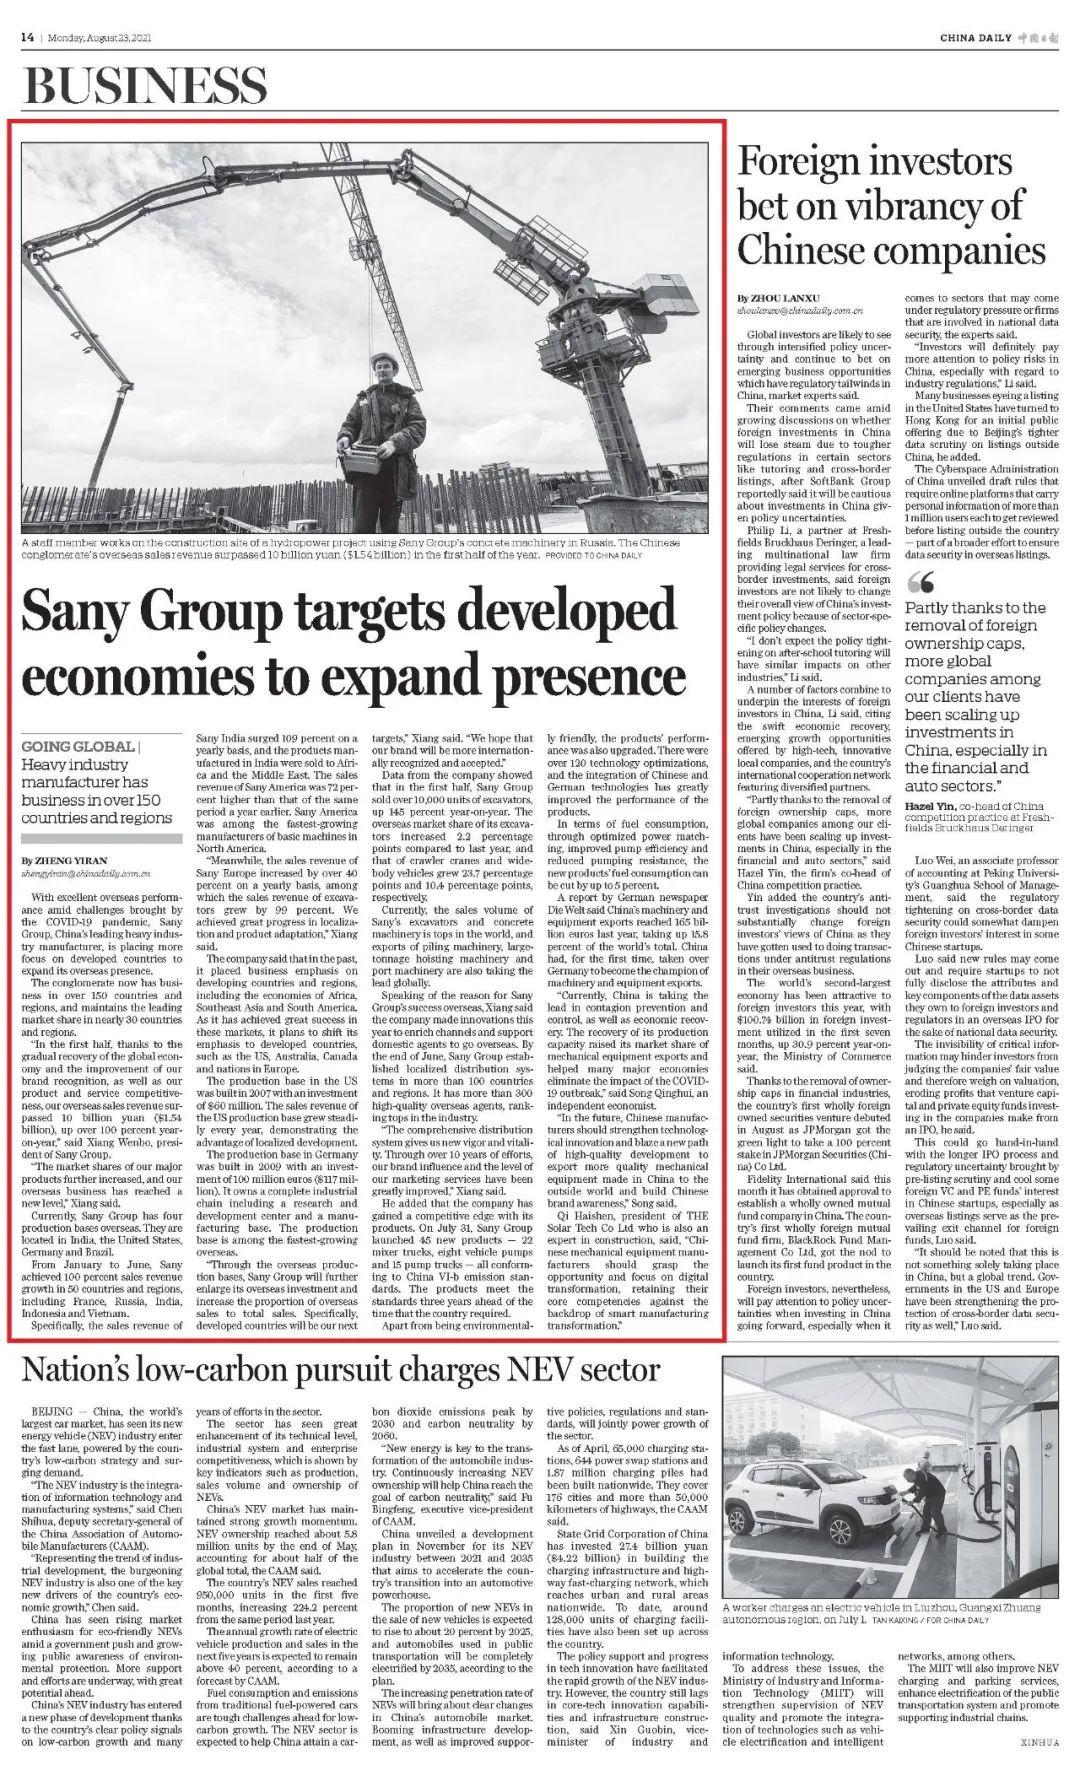 《China Daily》:三一瞄准发达国家市场